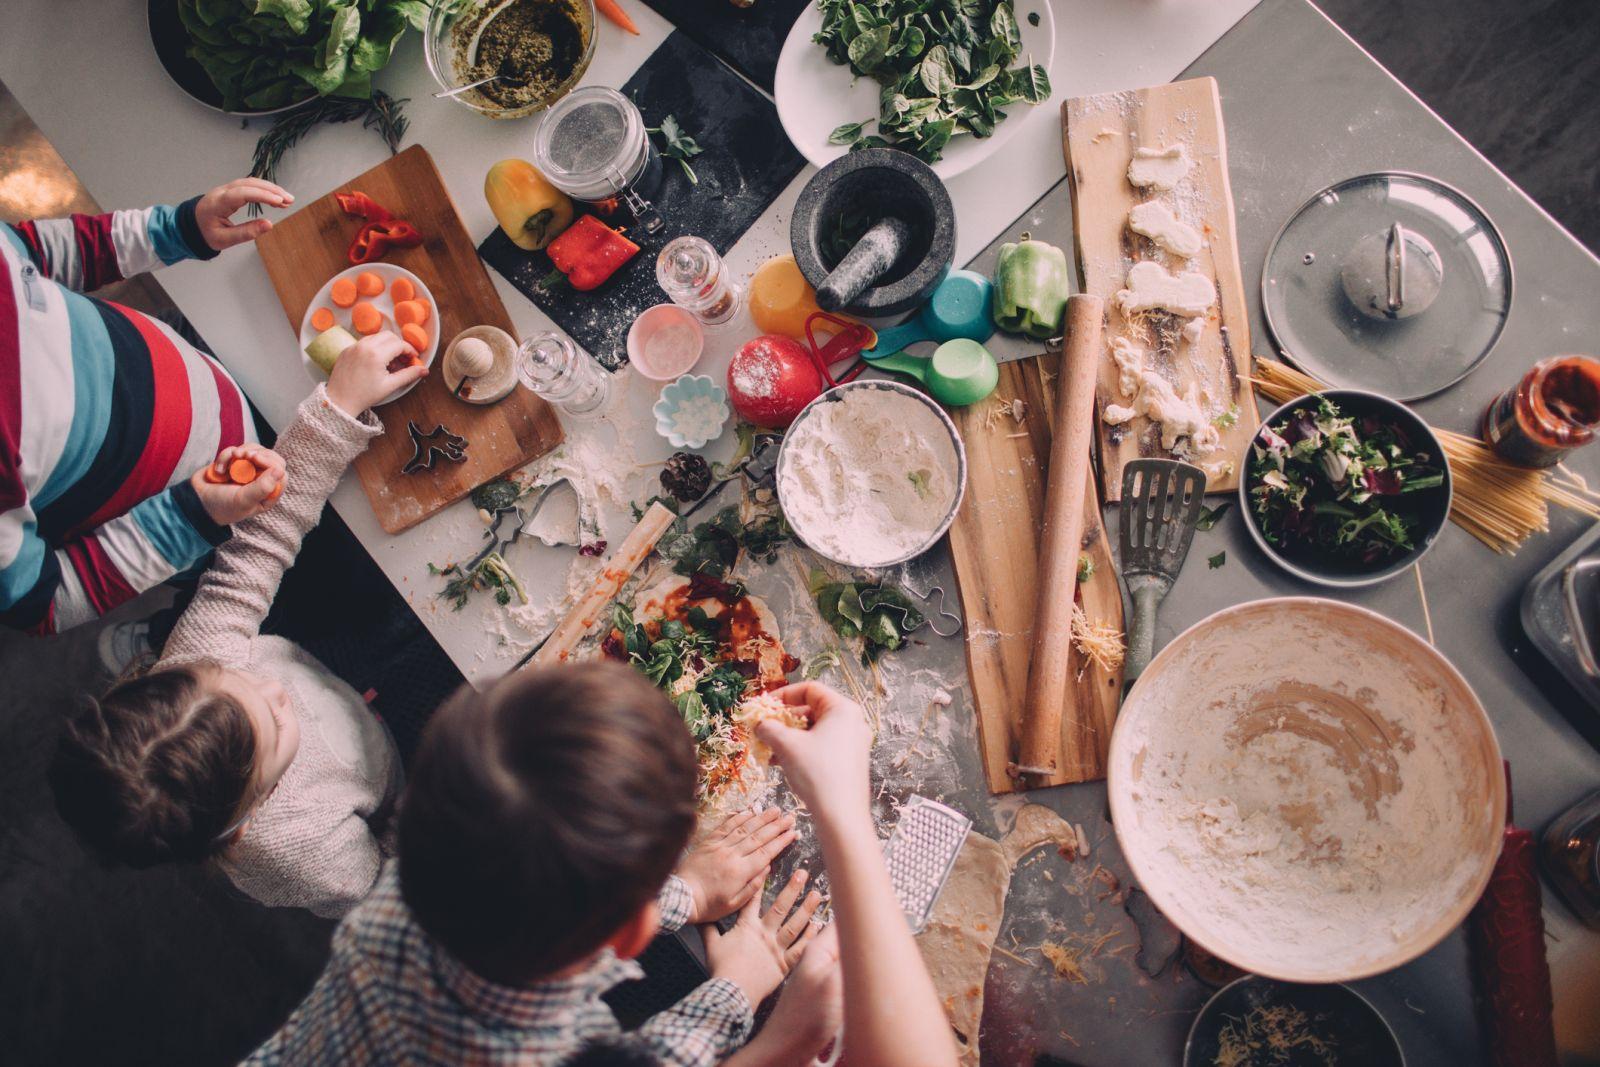 Kinder, Essen ist fertig: Dank diesen Foodbloggern schmeckt's allen